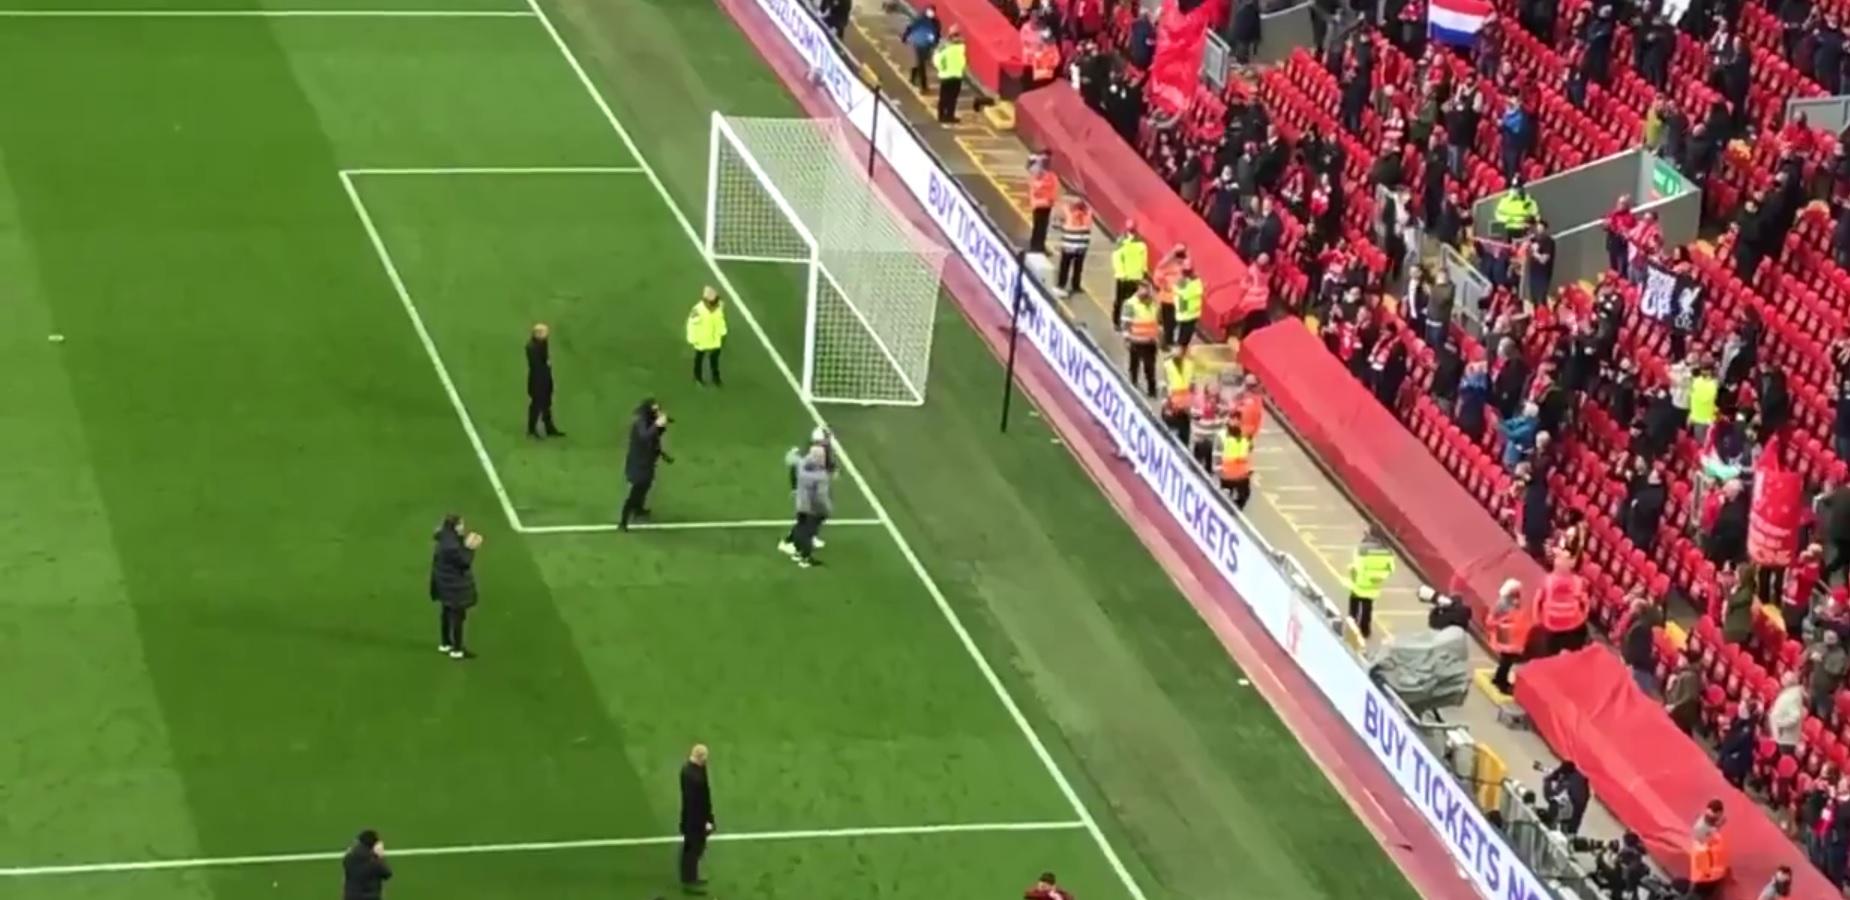 (Video) Klopp takes retiring LFC kit-man over to cheering Kop in beautiful scenes